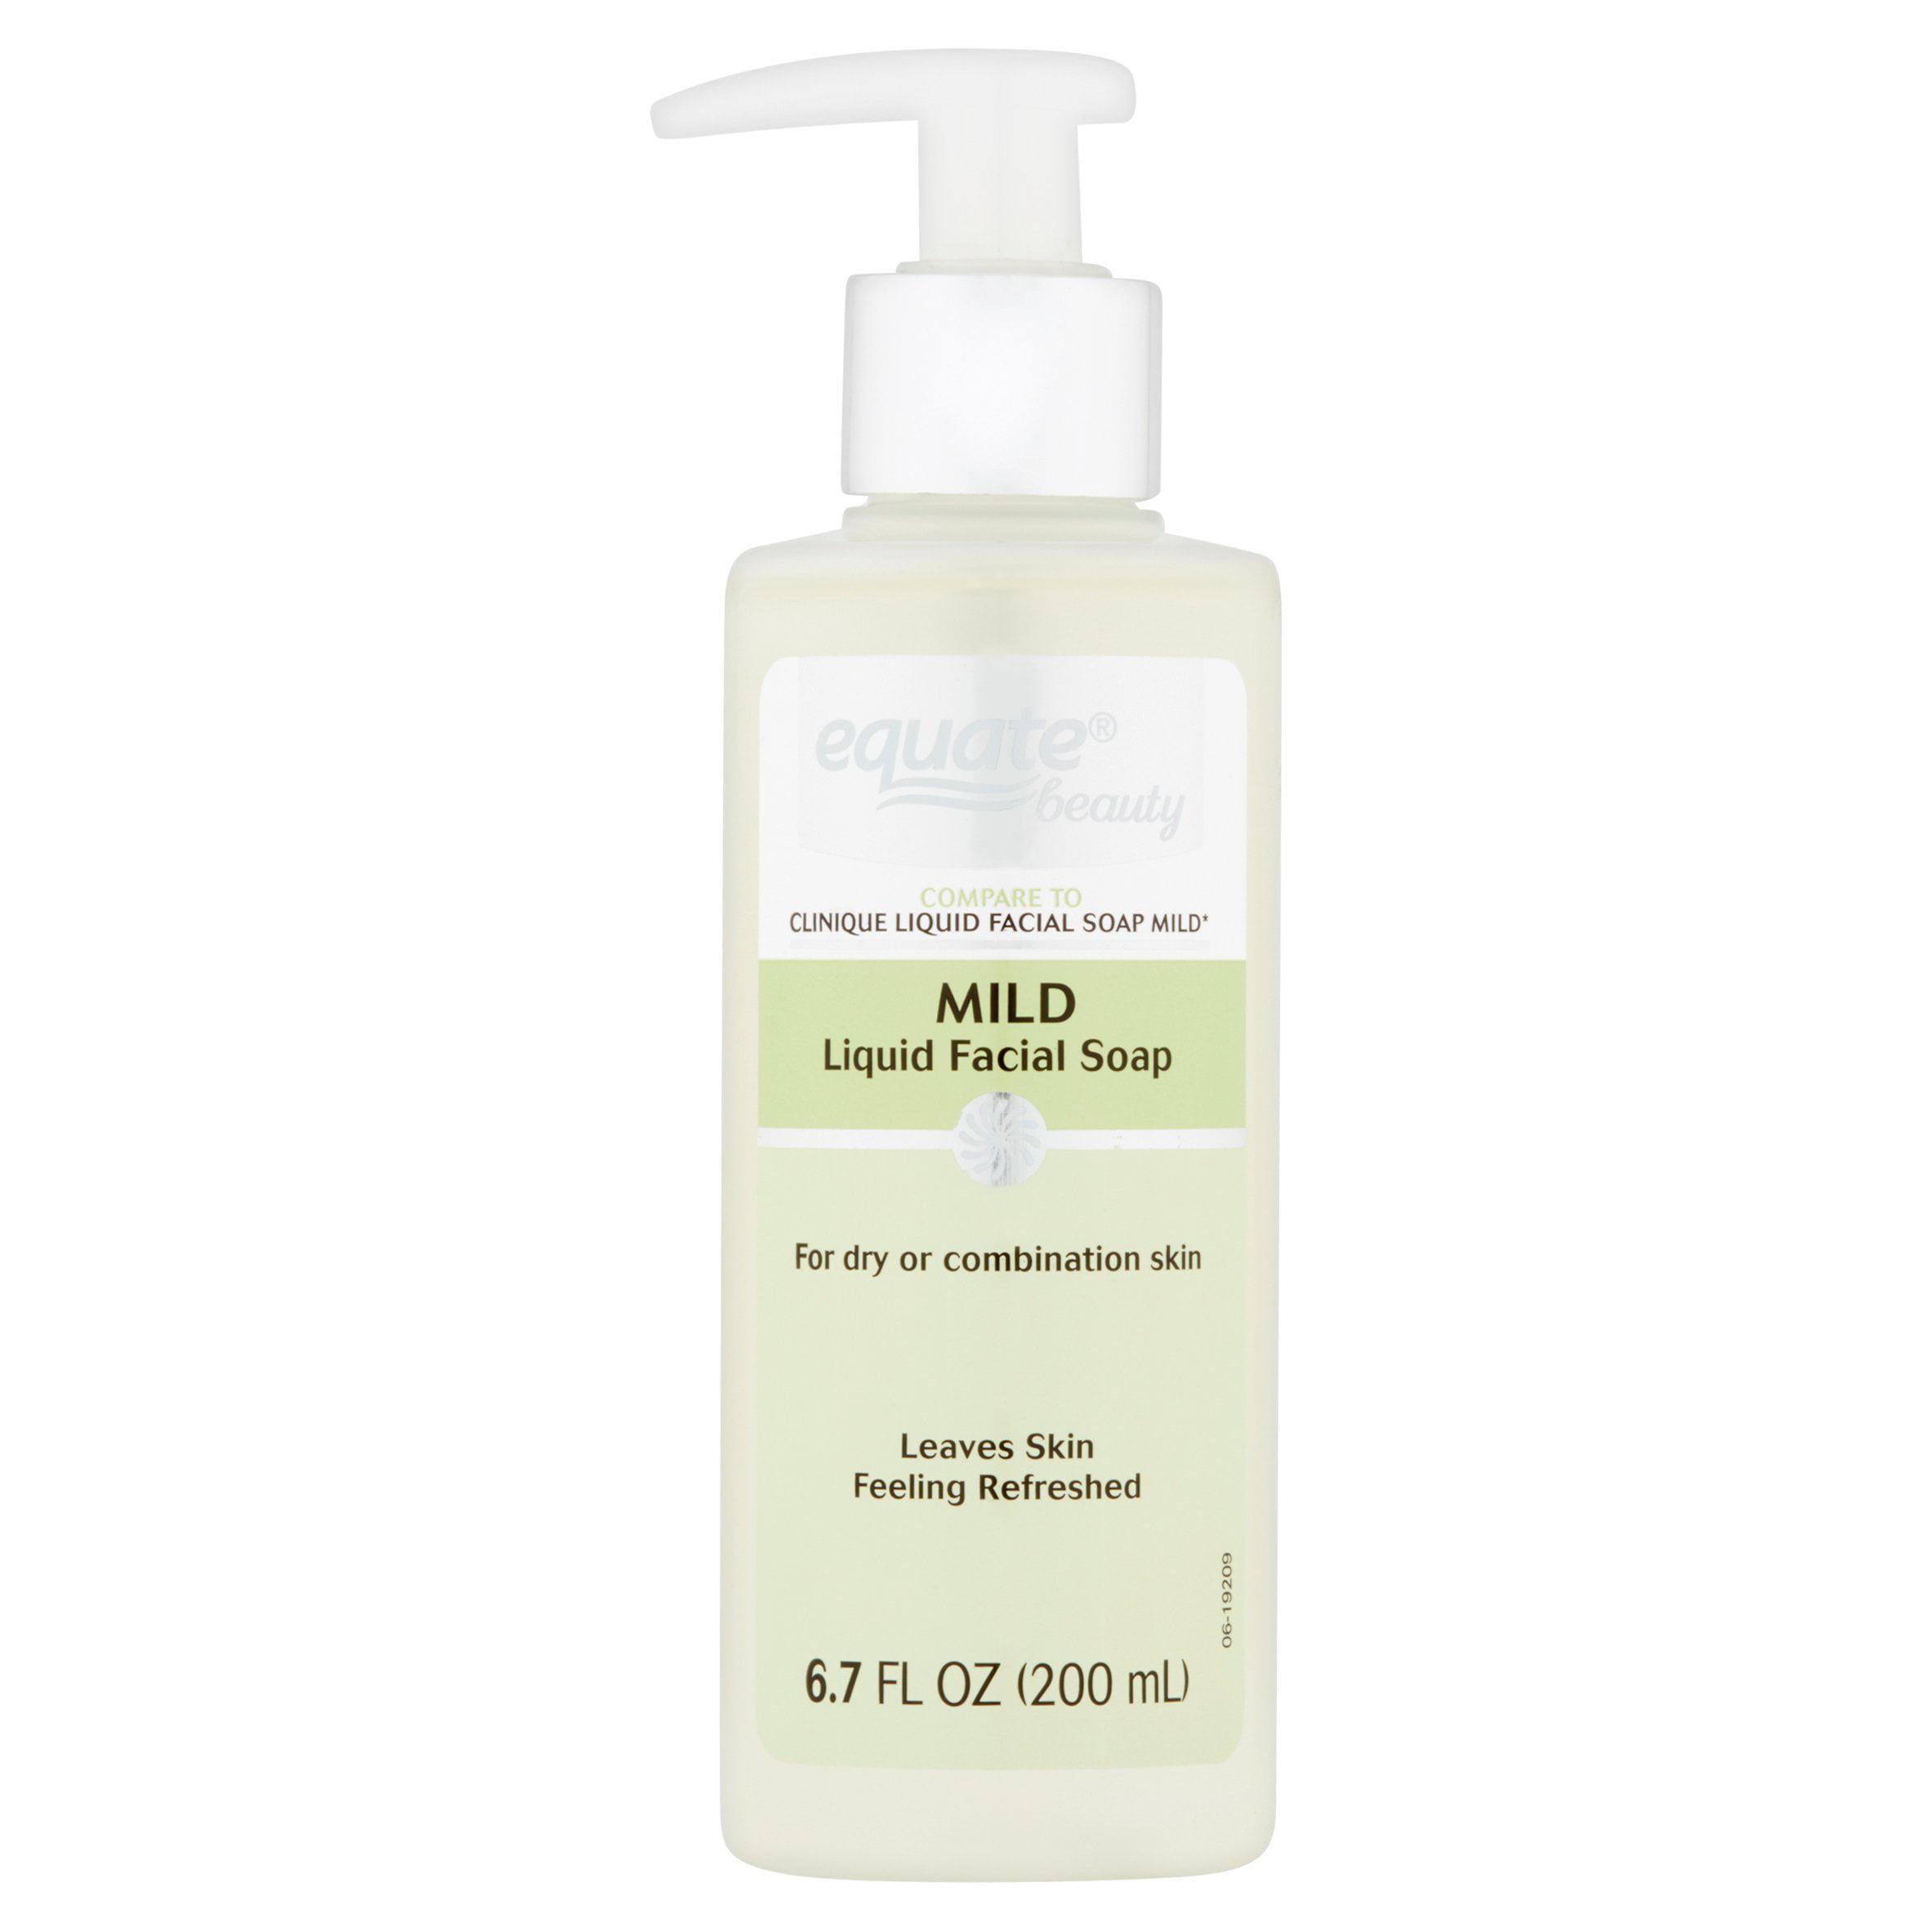 Equate Beauty Mild Liquid Facial Soap, 6.7 Oz